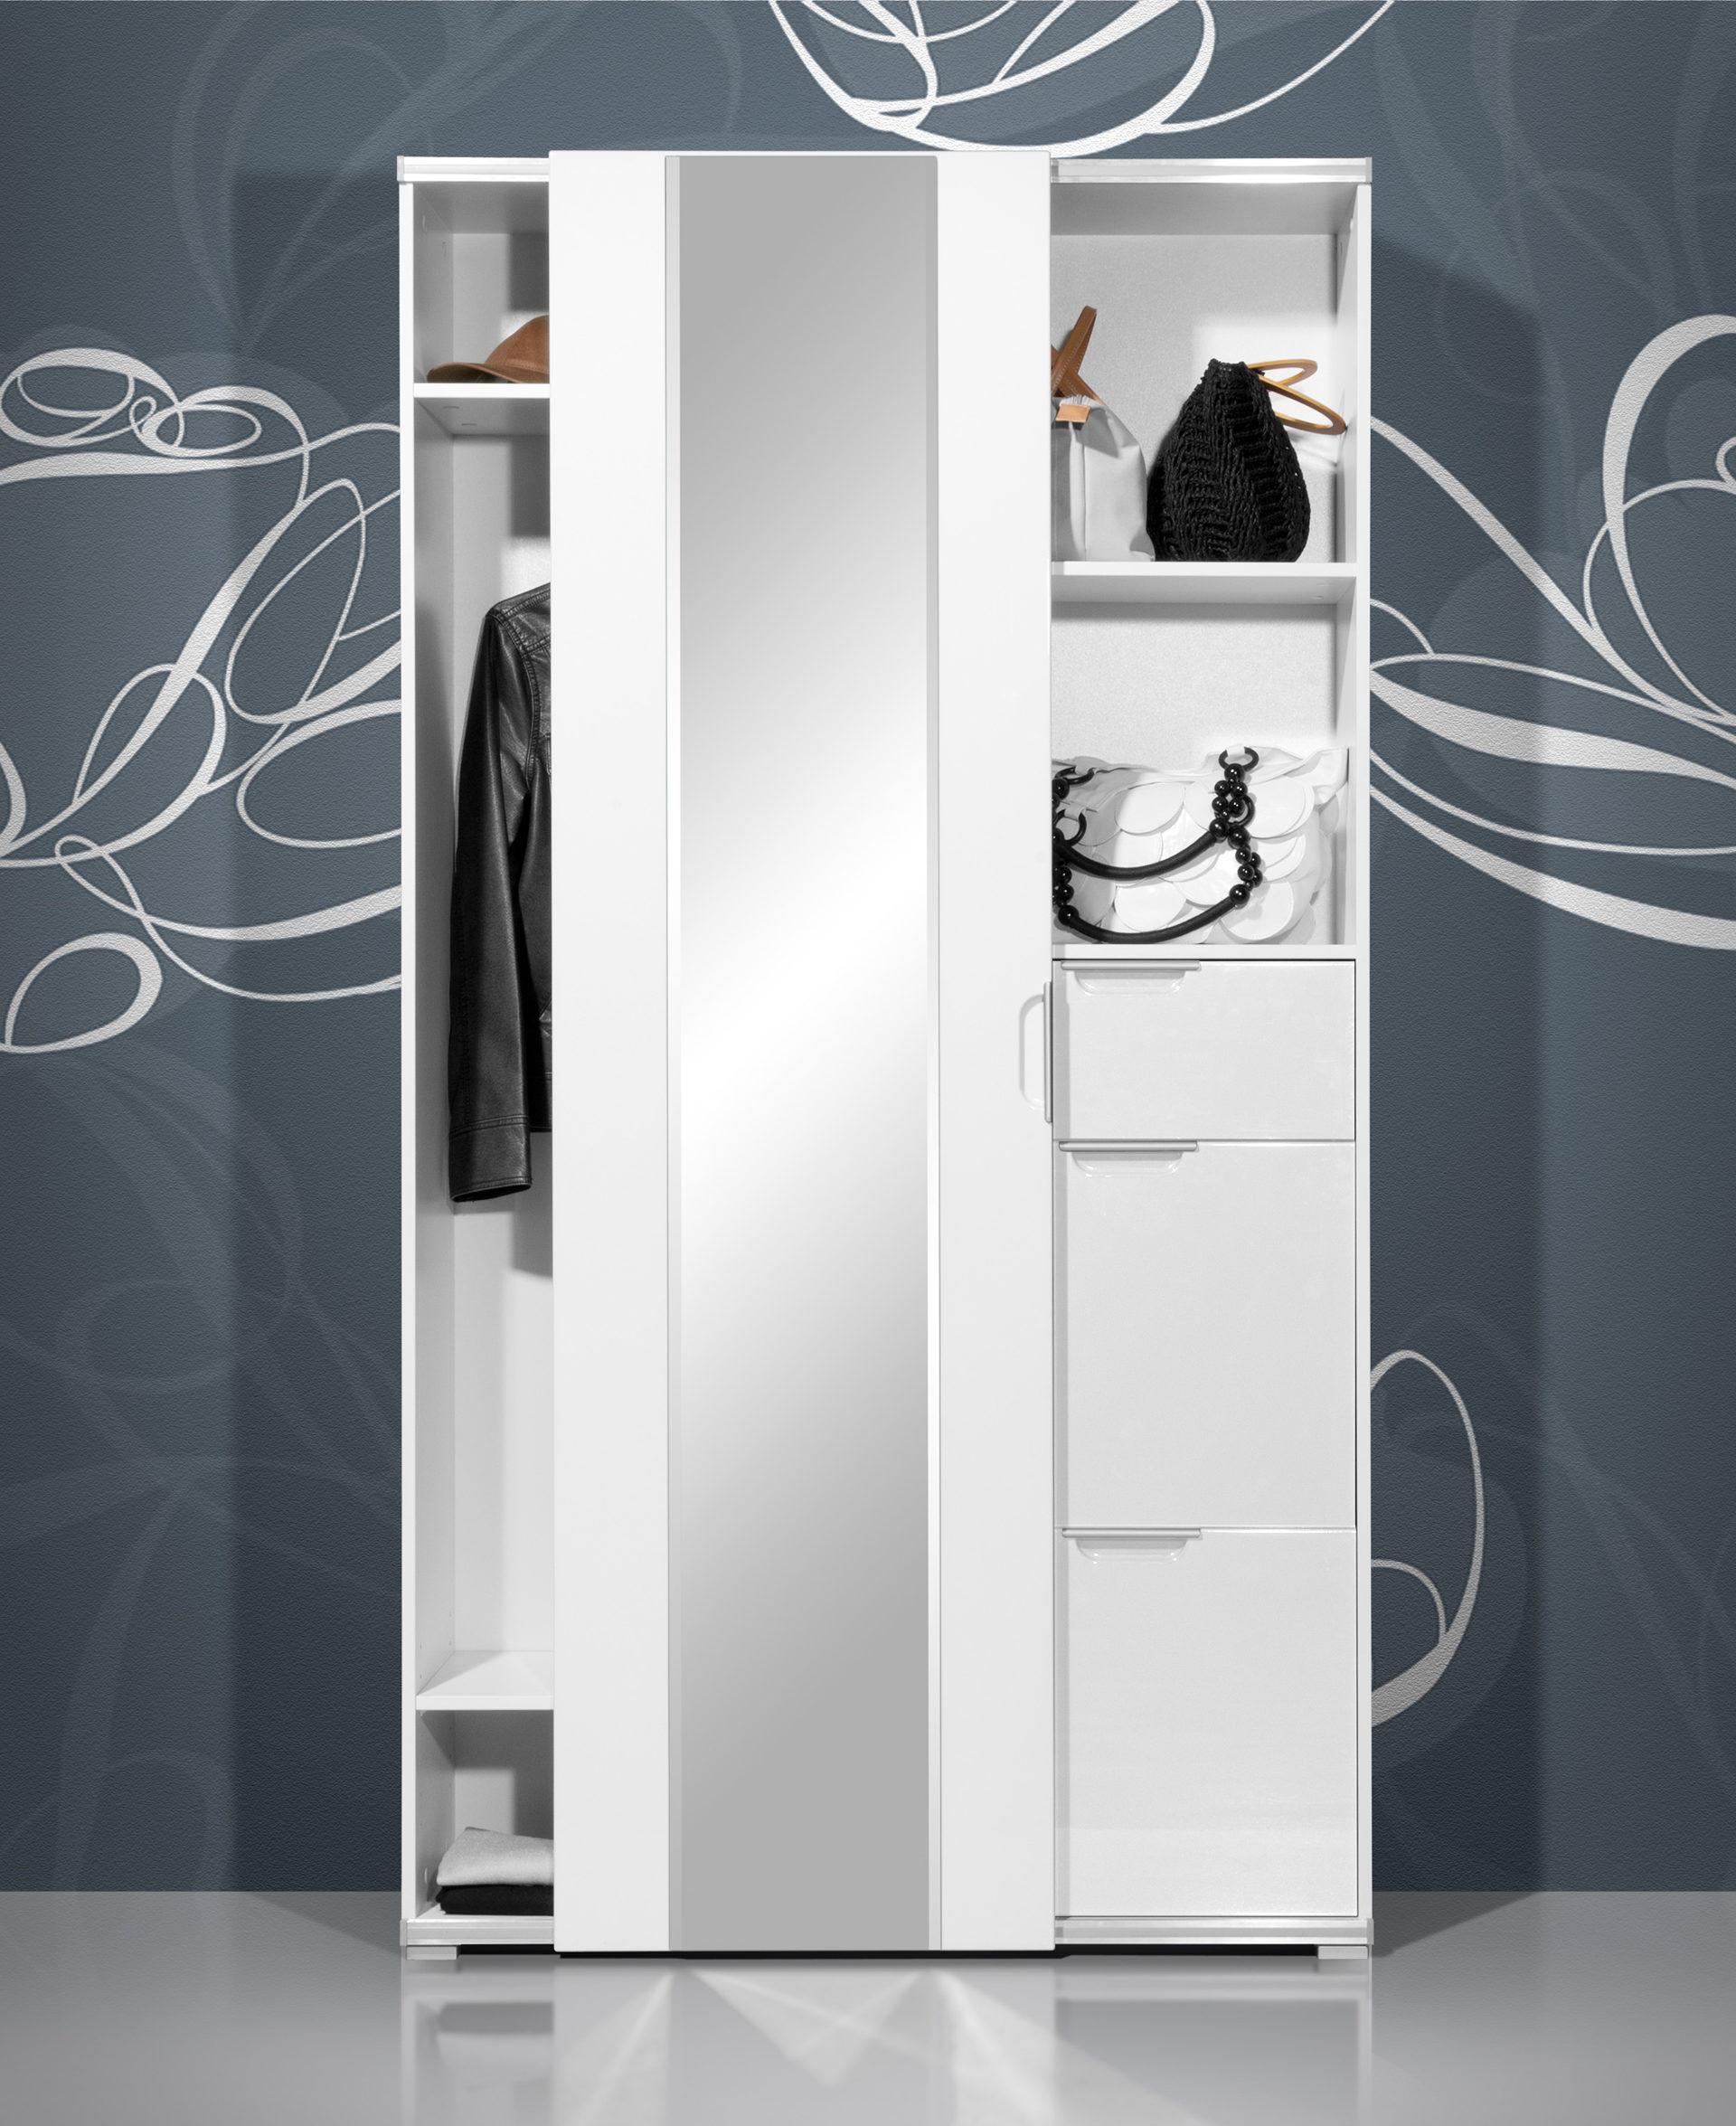 Moderne Garderobenschränke wohnkauf zeller weilburg räume flur diele garderobenschrank